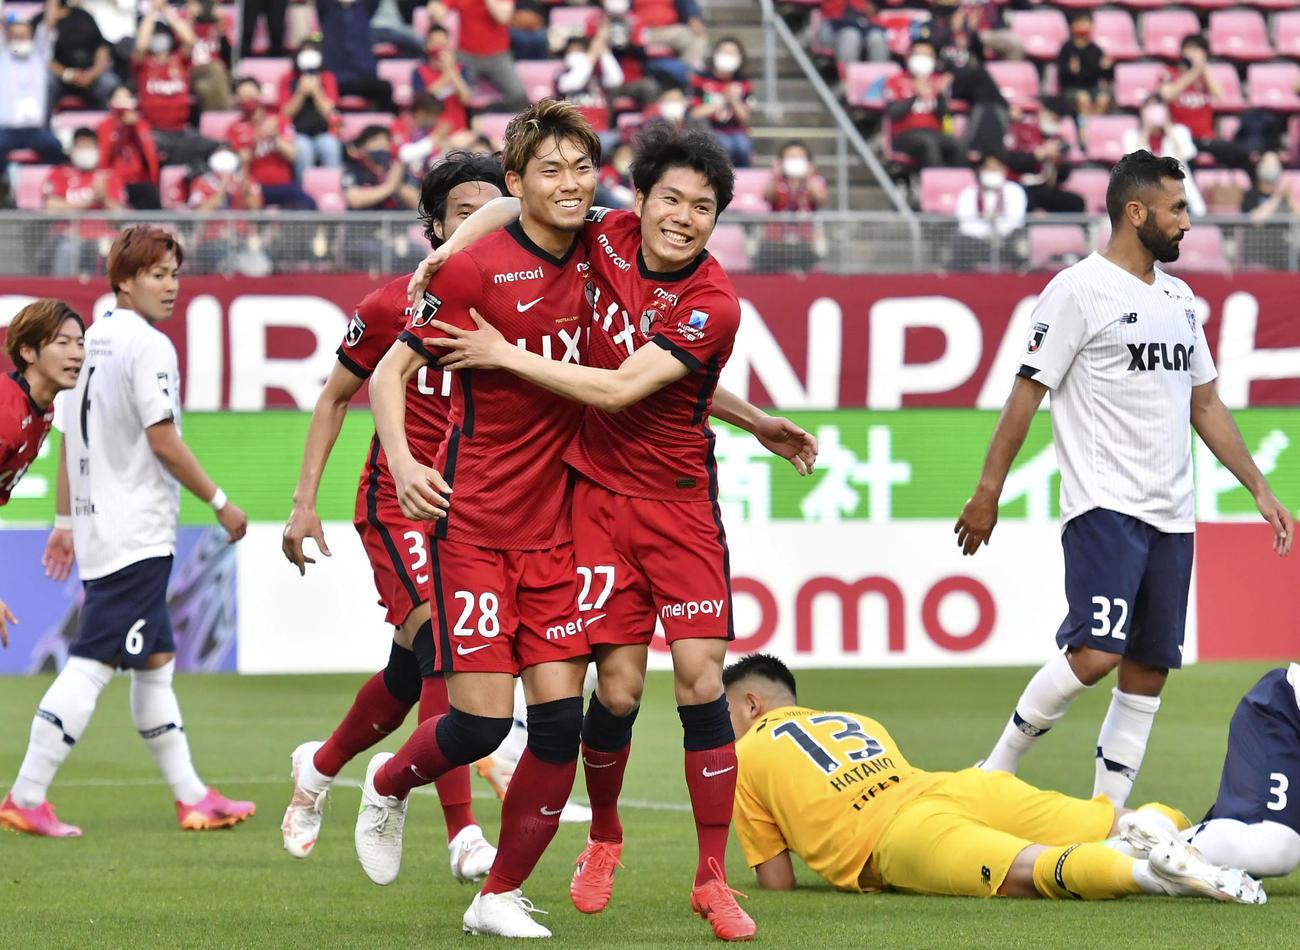 鹿島―FC東京 前半、先制ゴールを決め、駆けだす鹿島・町田(28)と祝福する松村(27)=カシマ(共同)